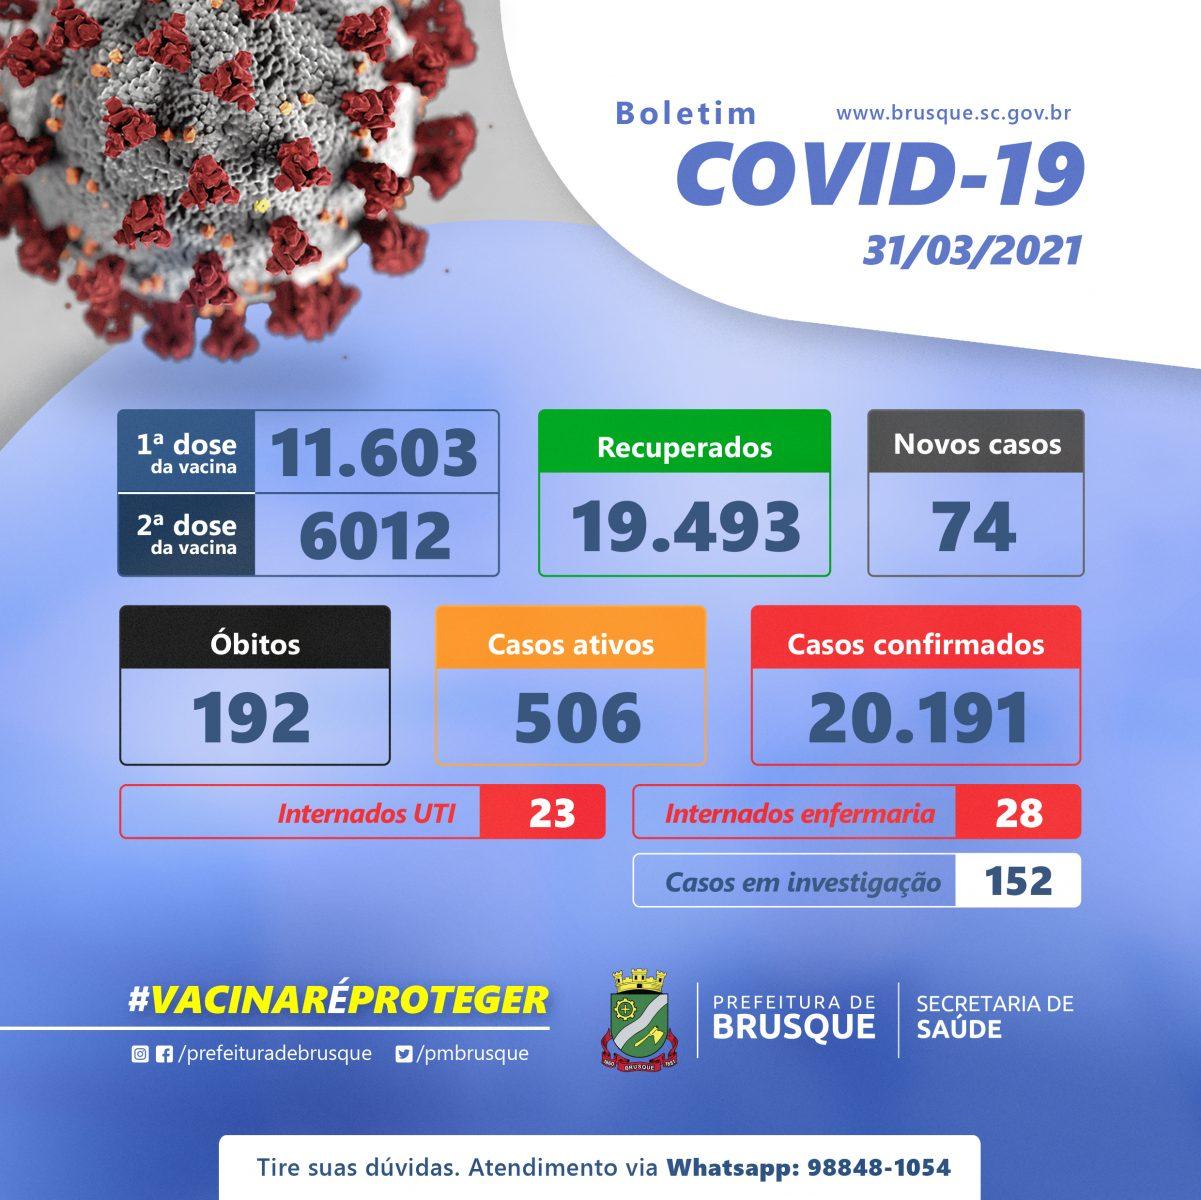 Covid-19: Confira o boletim epidemiológico desta quarta-feira (31)